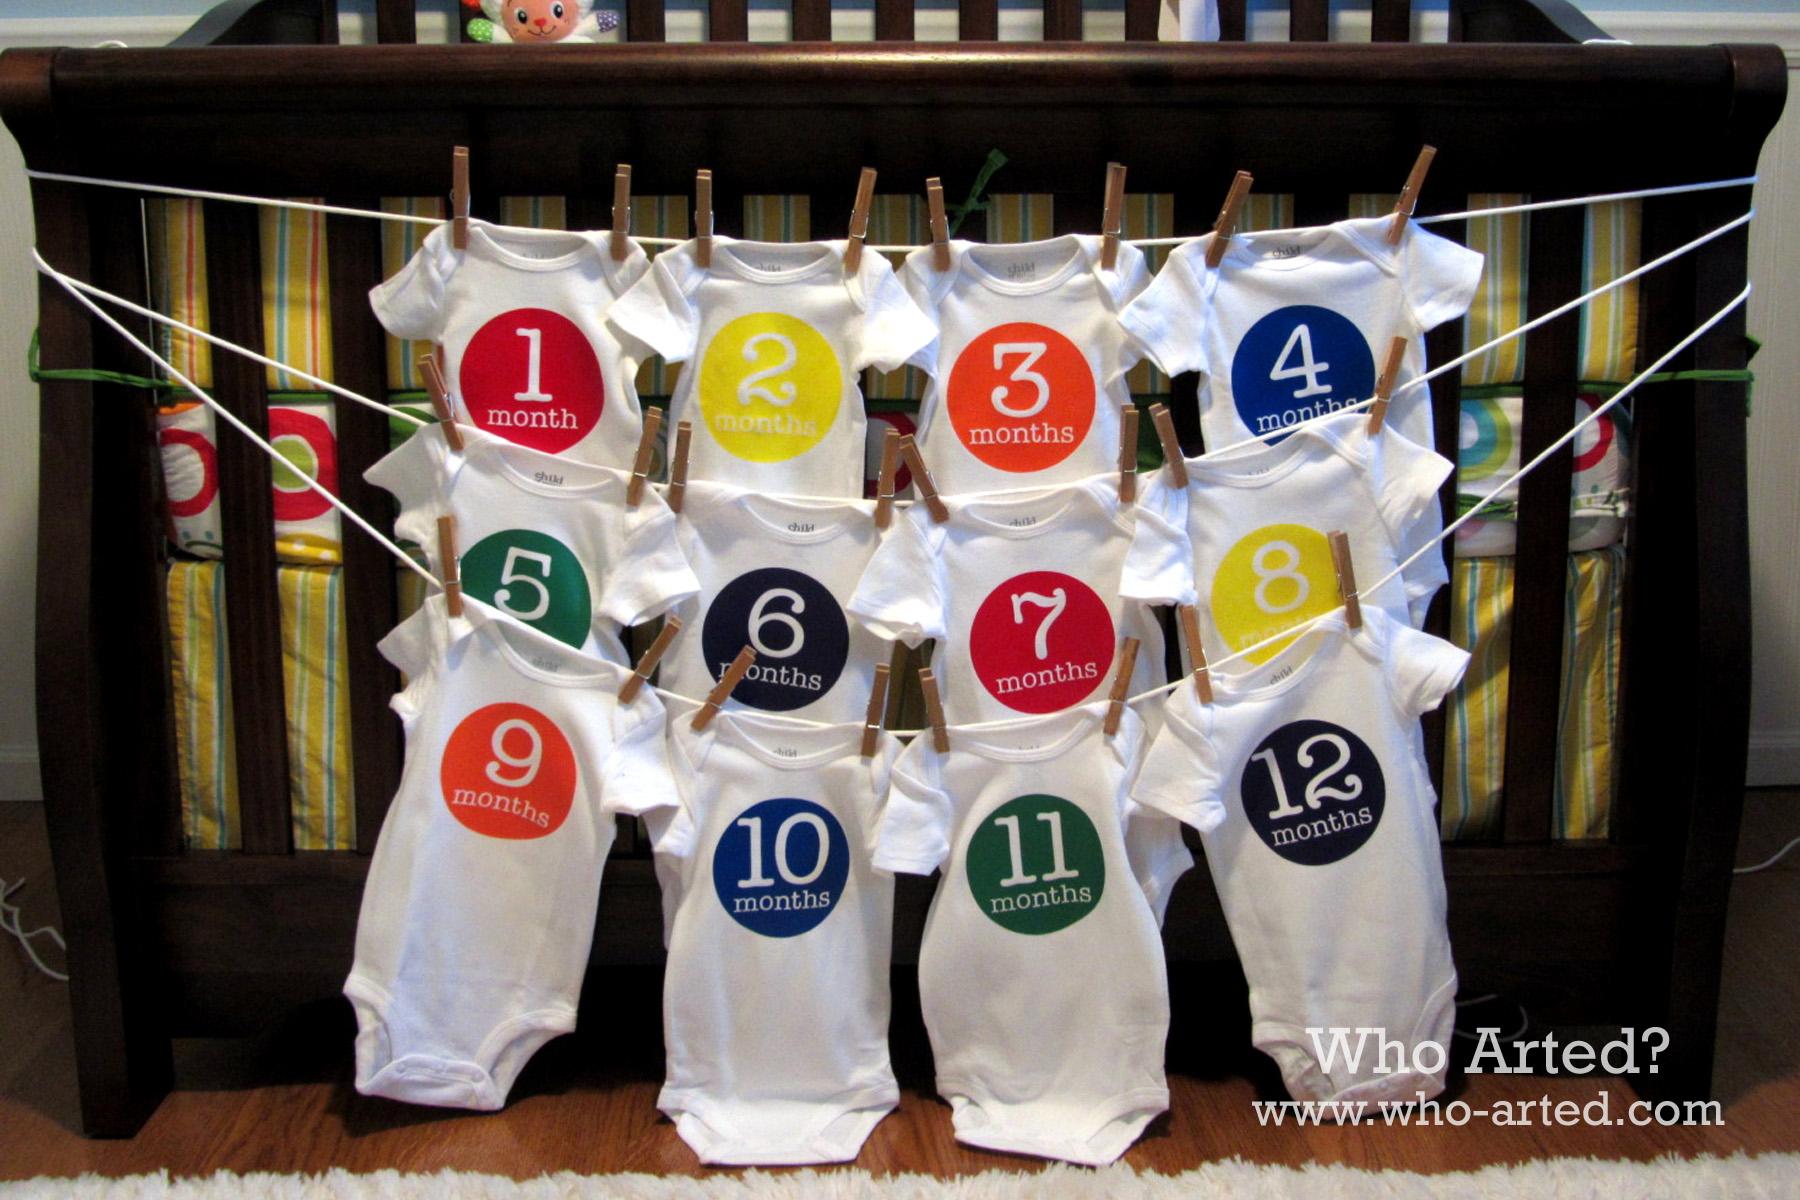 Cheerful Boyfriend Gift Ideas Guys Baby Shower Gift Ideas Baby Shower Gift Ideas Who Gift Ideas ideas Creative Gift Ideas